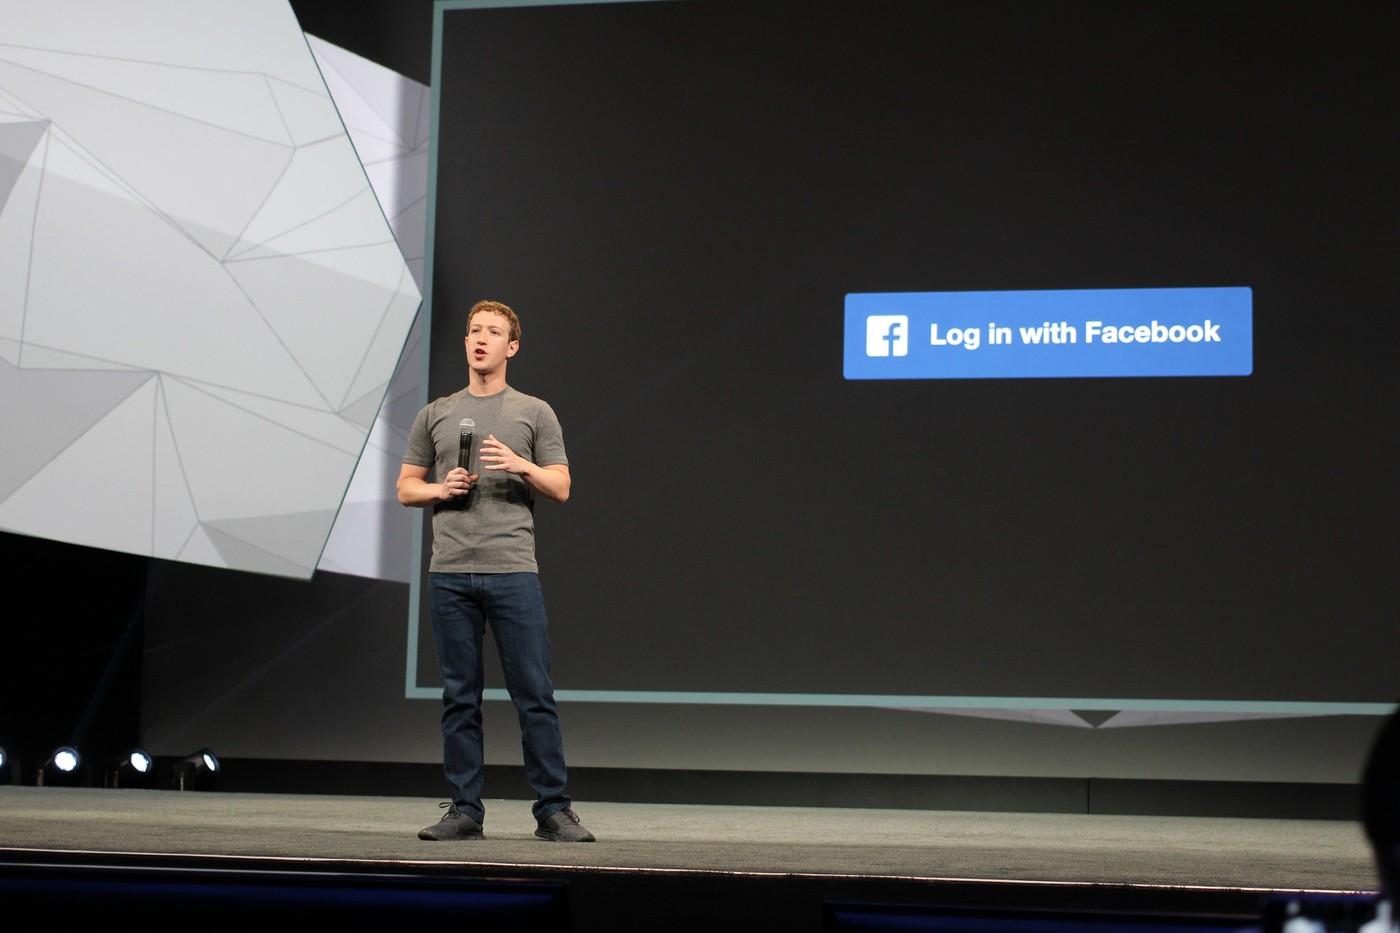 佐克伯要哭了,數據顯示幾乎所有的假新聞網站都靠Facebook獲取流量